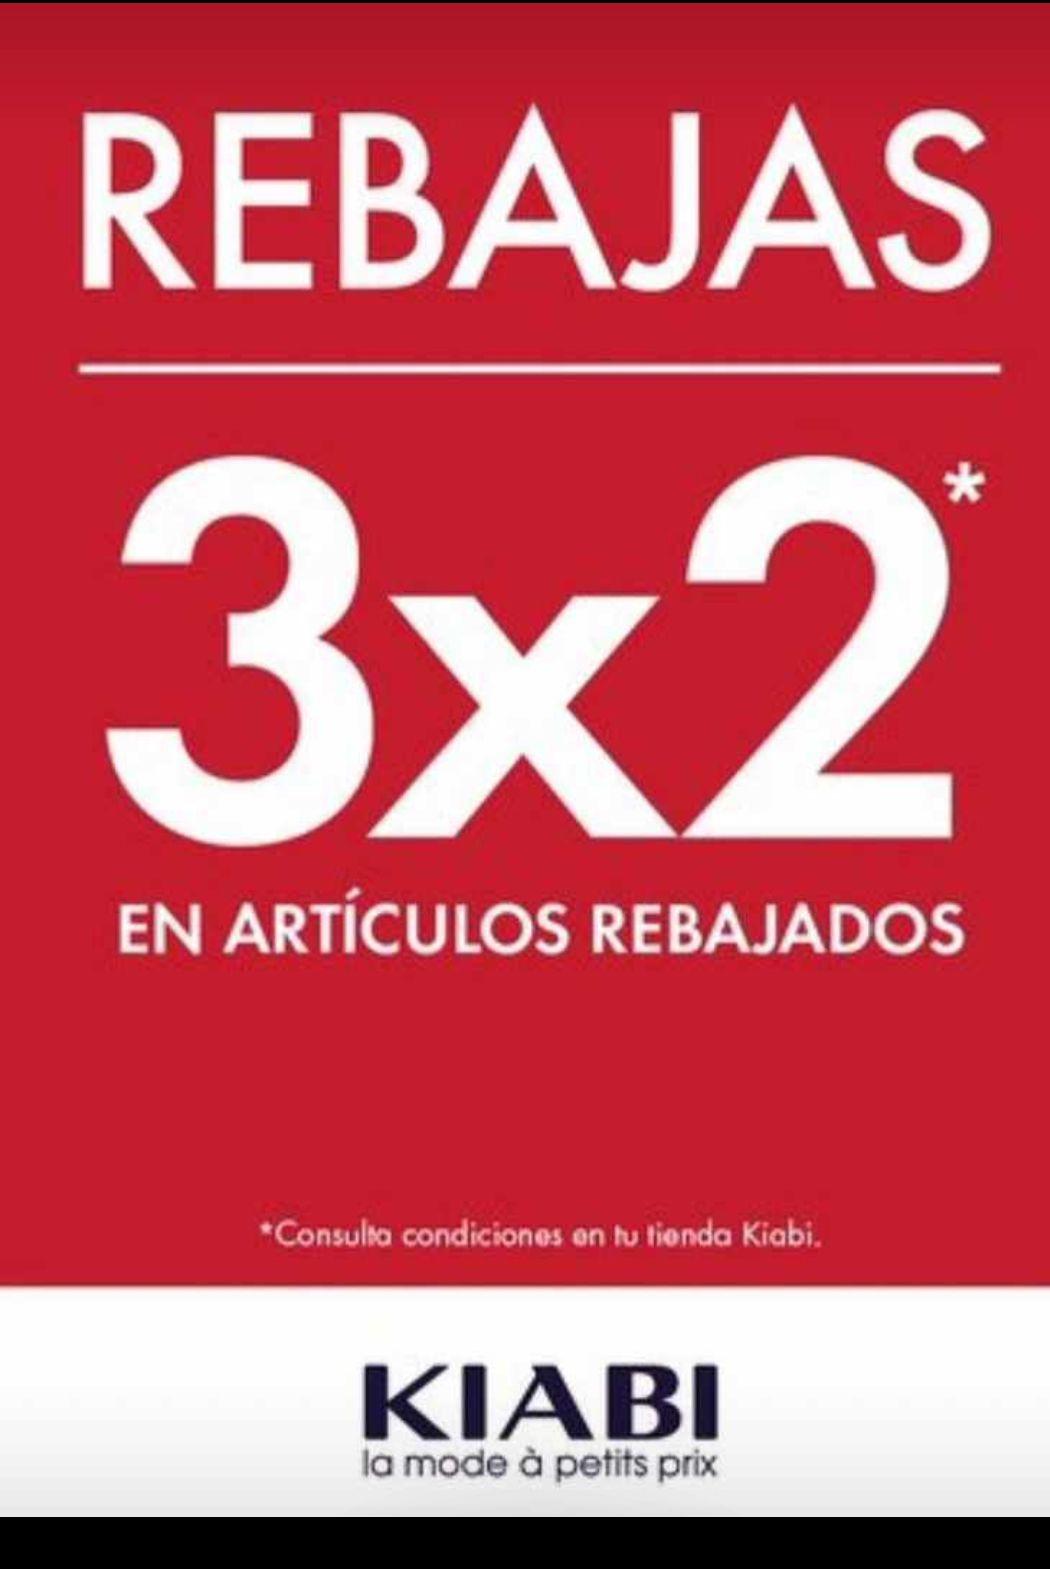 3x2 en Kiabi artículos rebajados en tienda